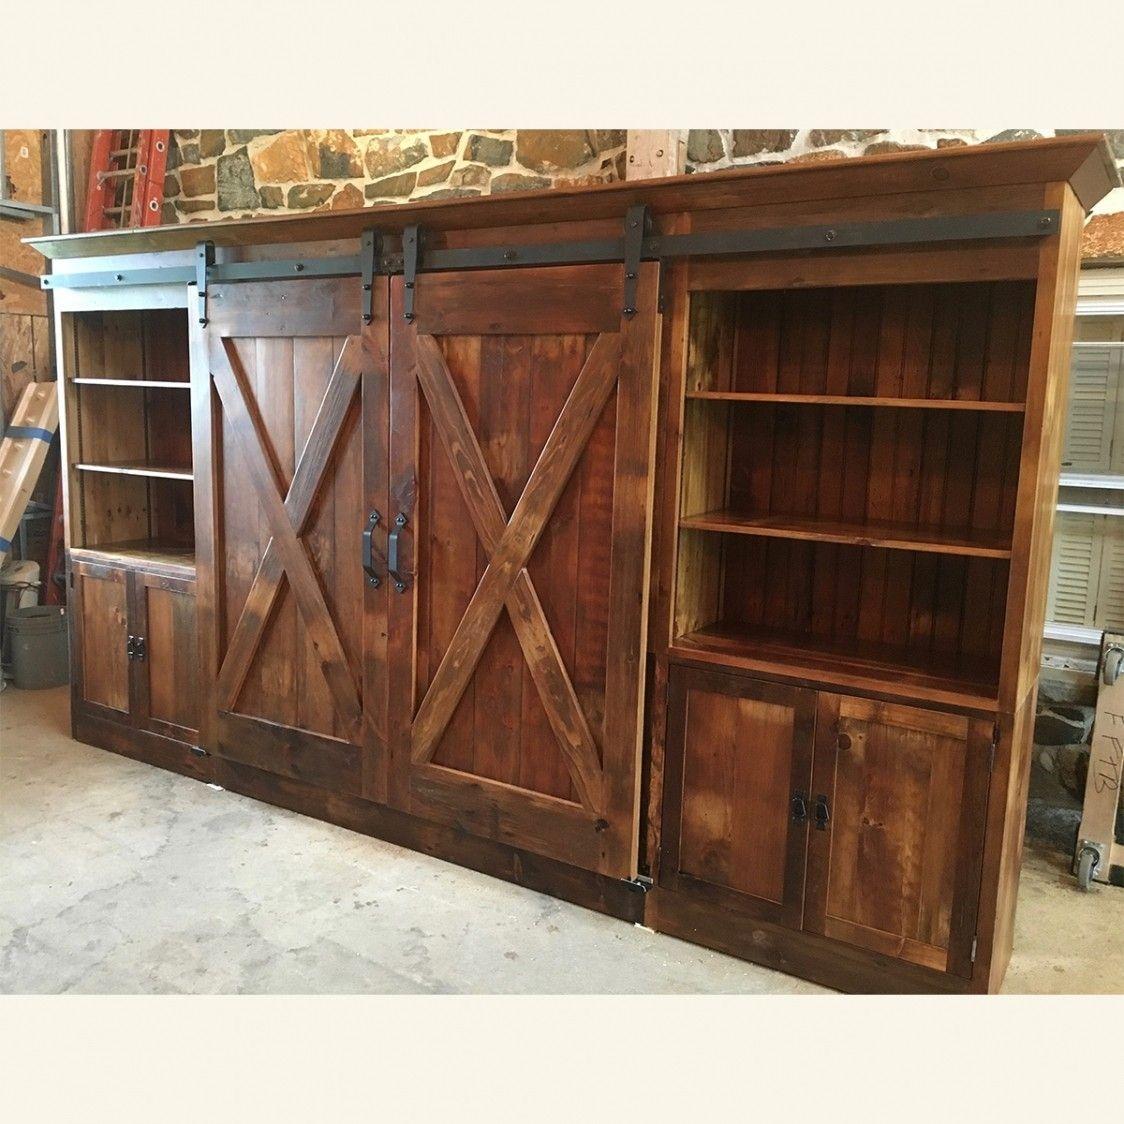 Barn Door Entertainment Cabinet With X Barn Doors ...